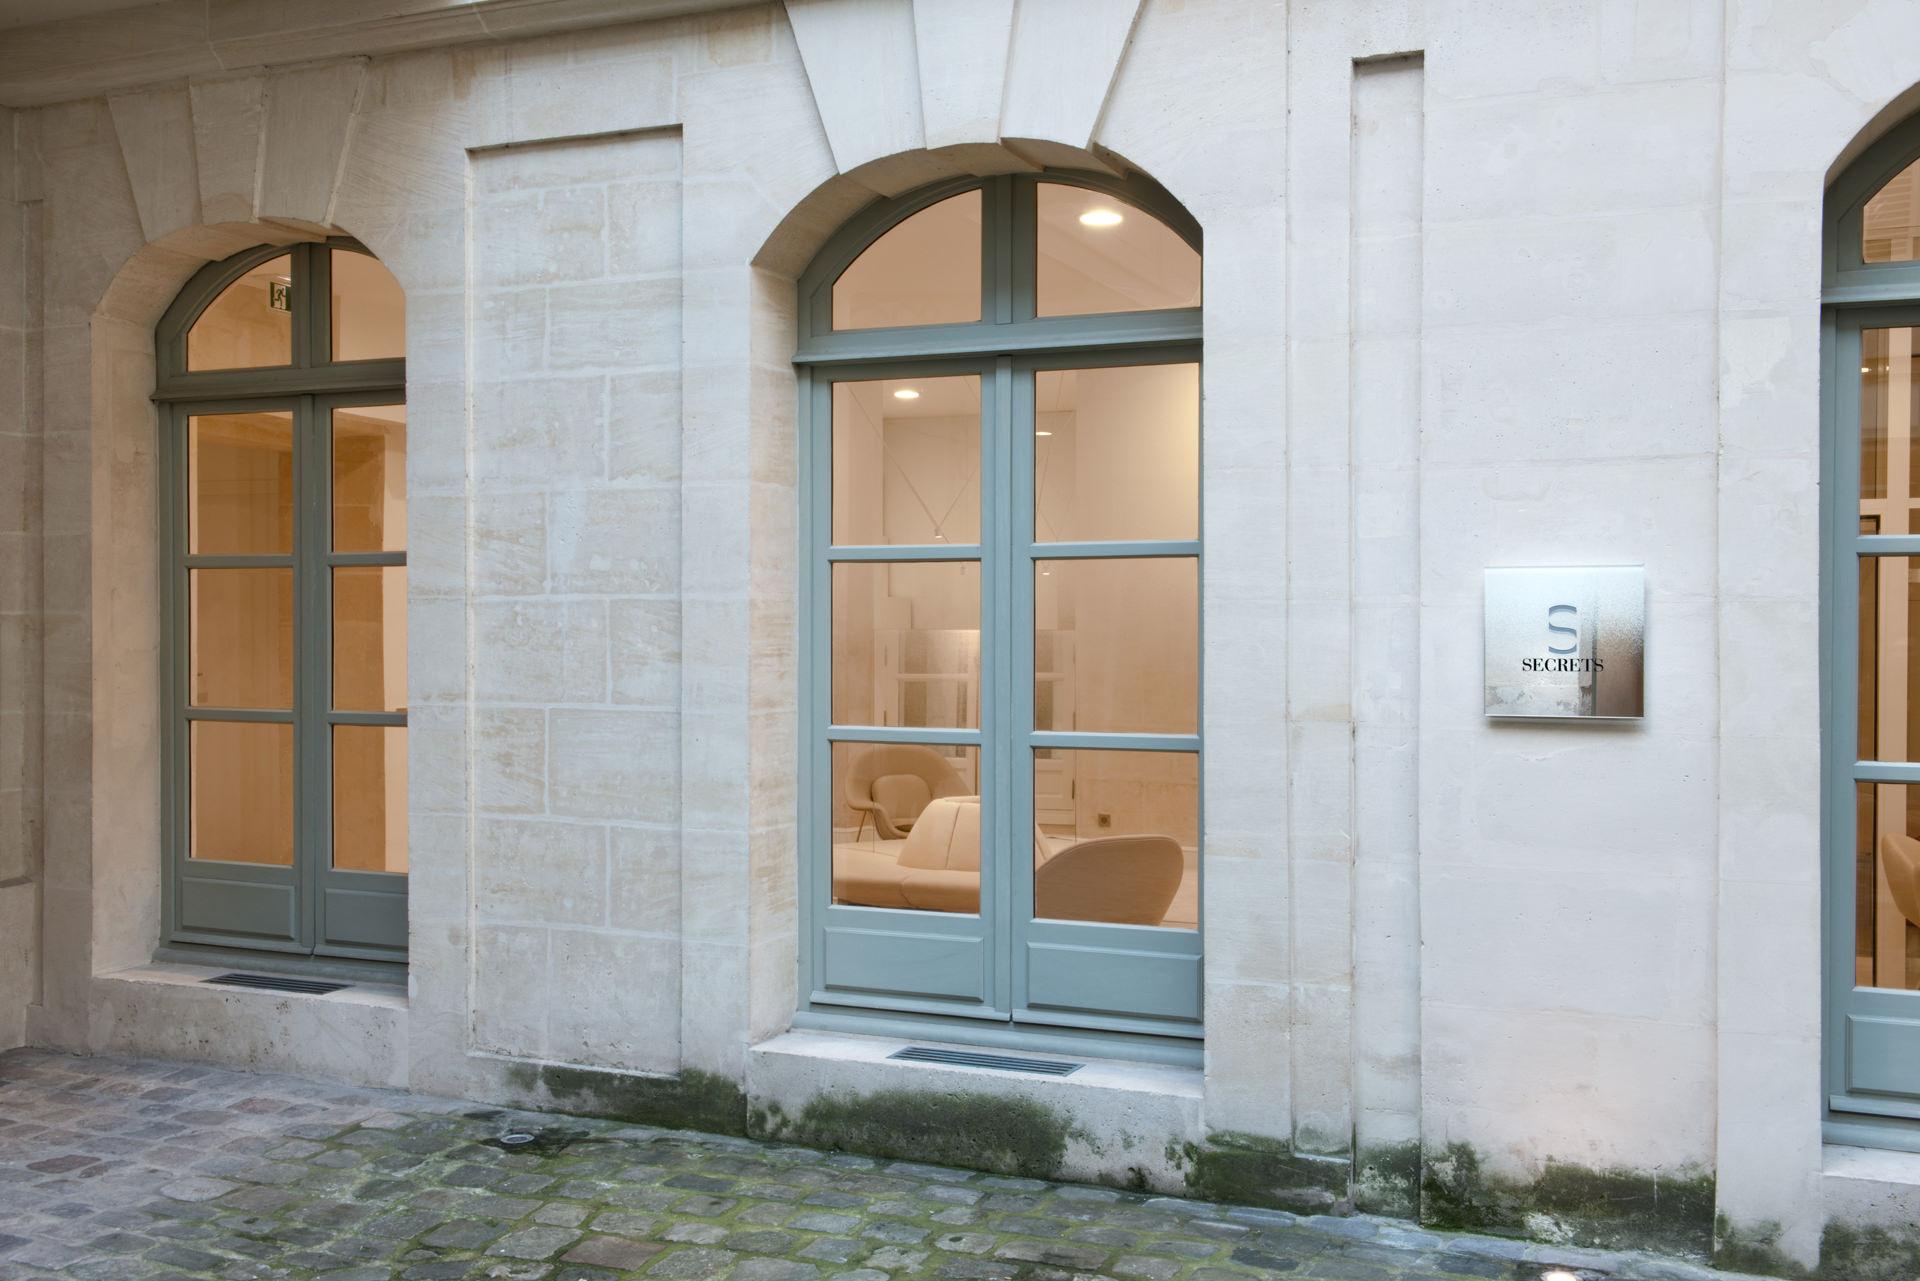 Agence de voyages Secrets Studio Poulanges